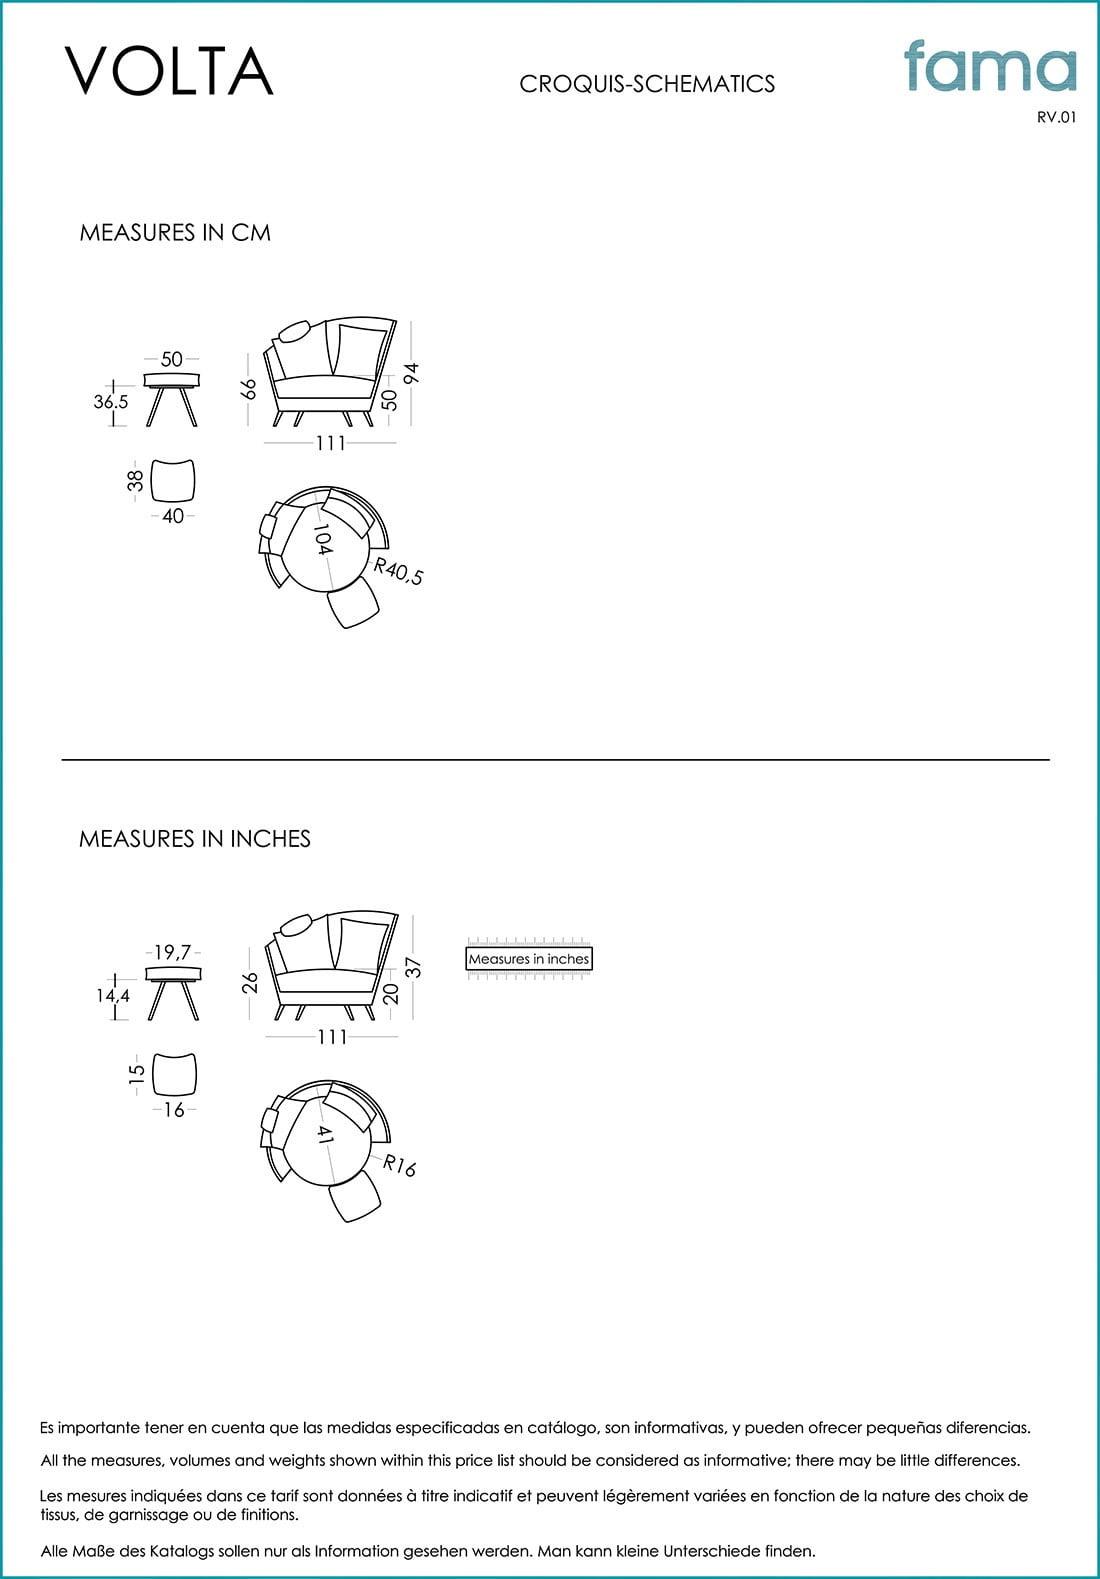 fauteuil_contemporain_famaliving_montreal_fiche_technique